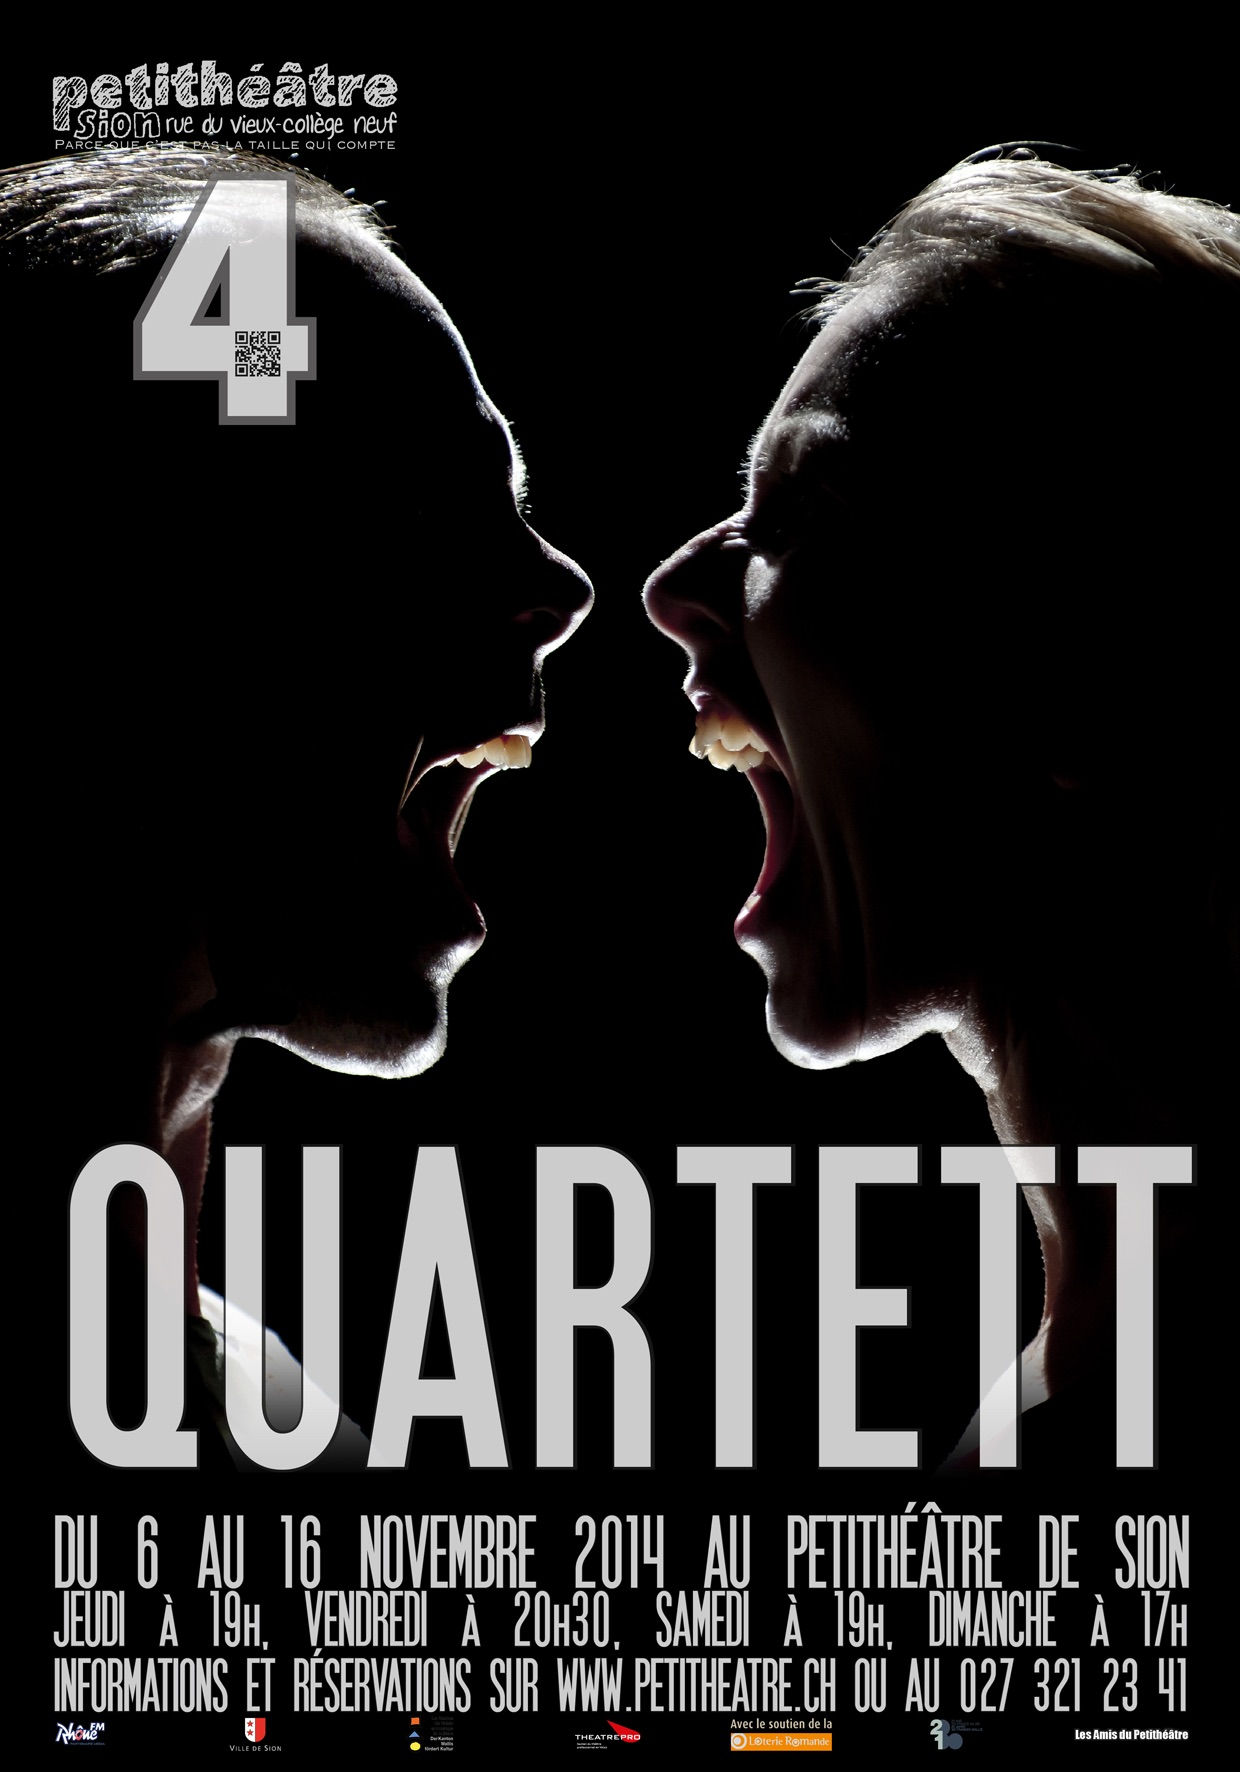 Affiche de Quartett au Petithéâtre de Sion